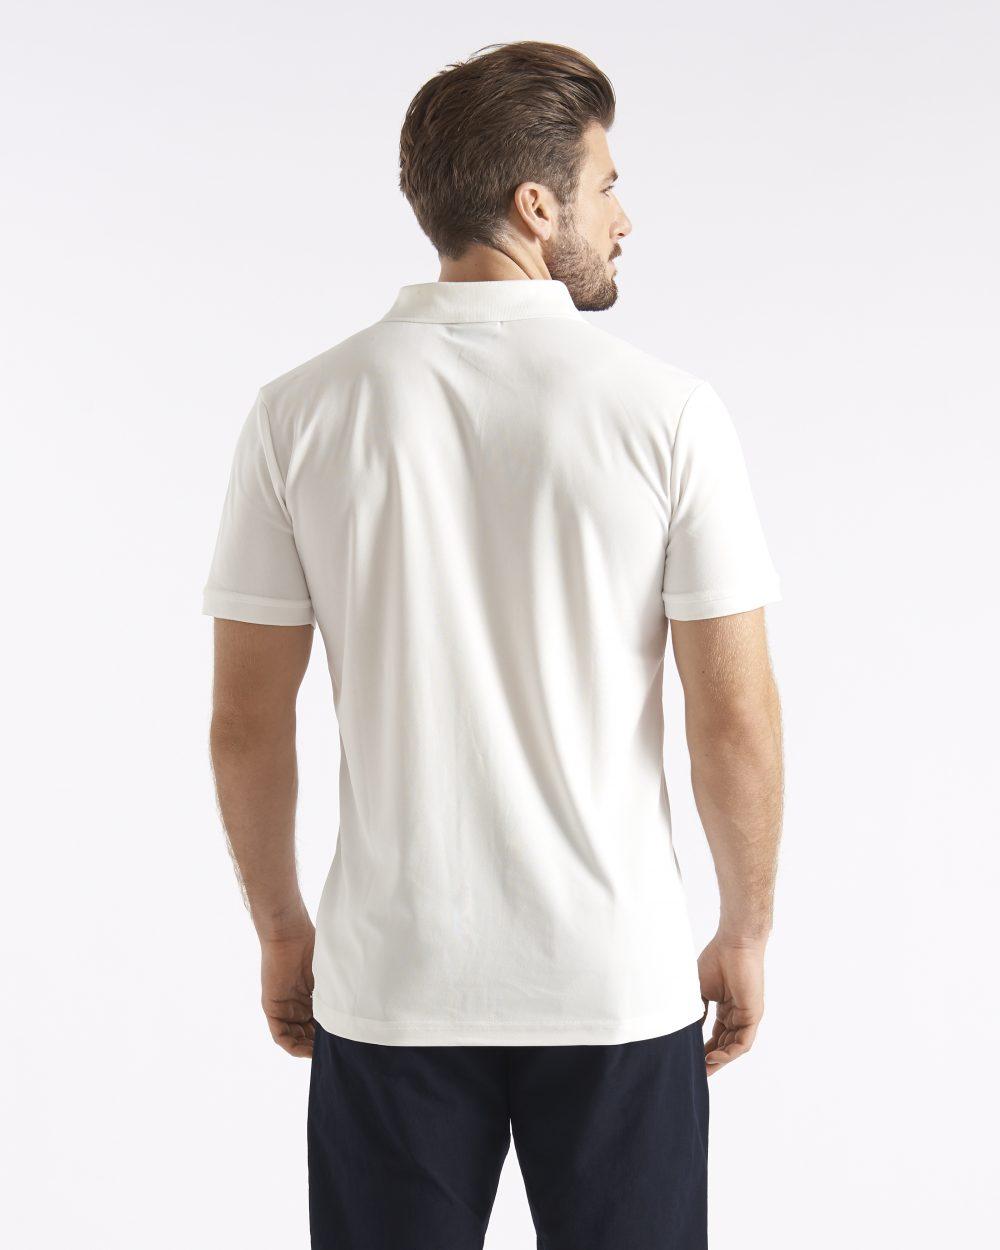 Miesten valkoinen tekninen pikeepaita takaapäin